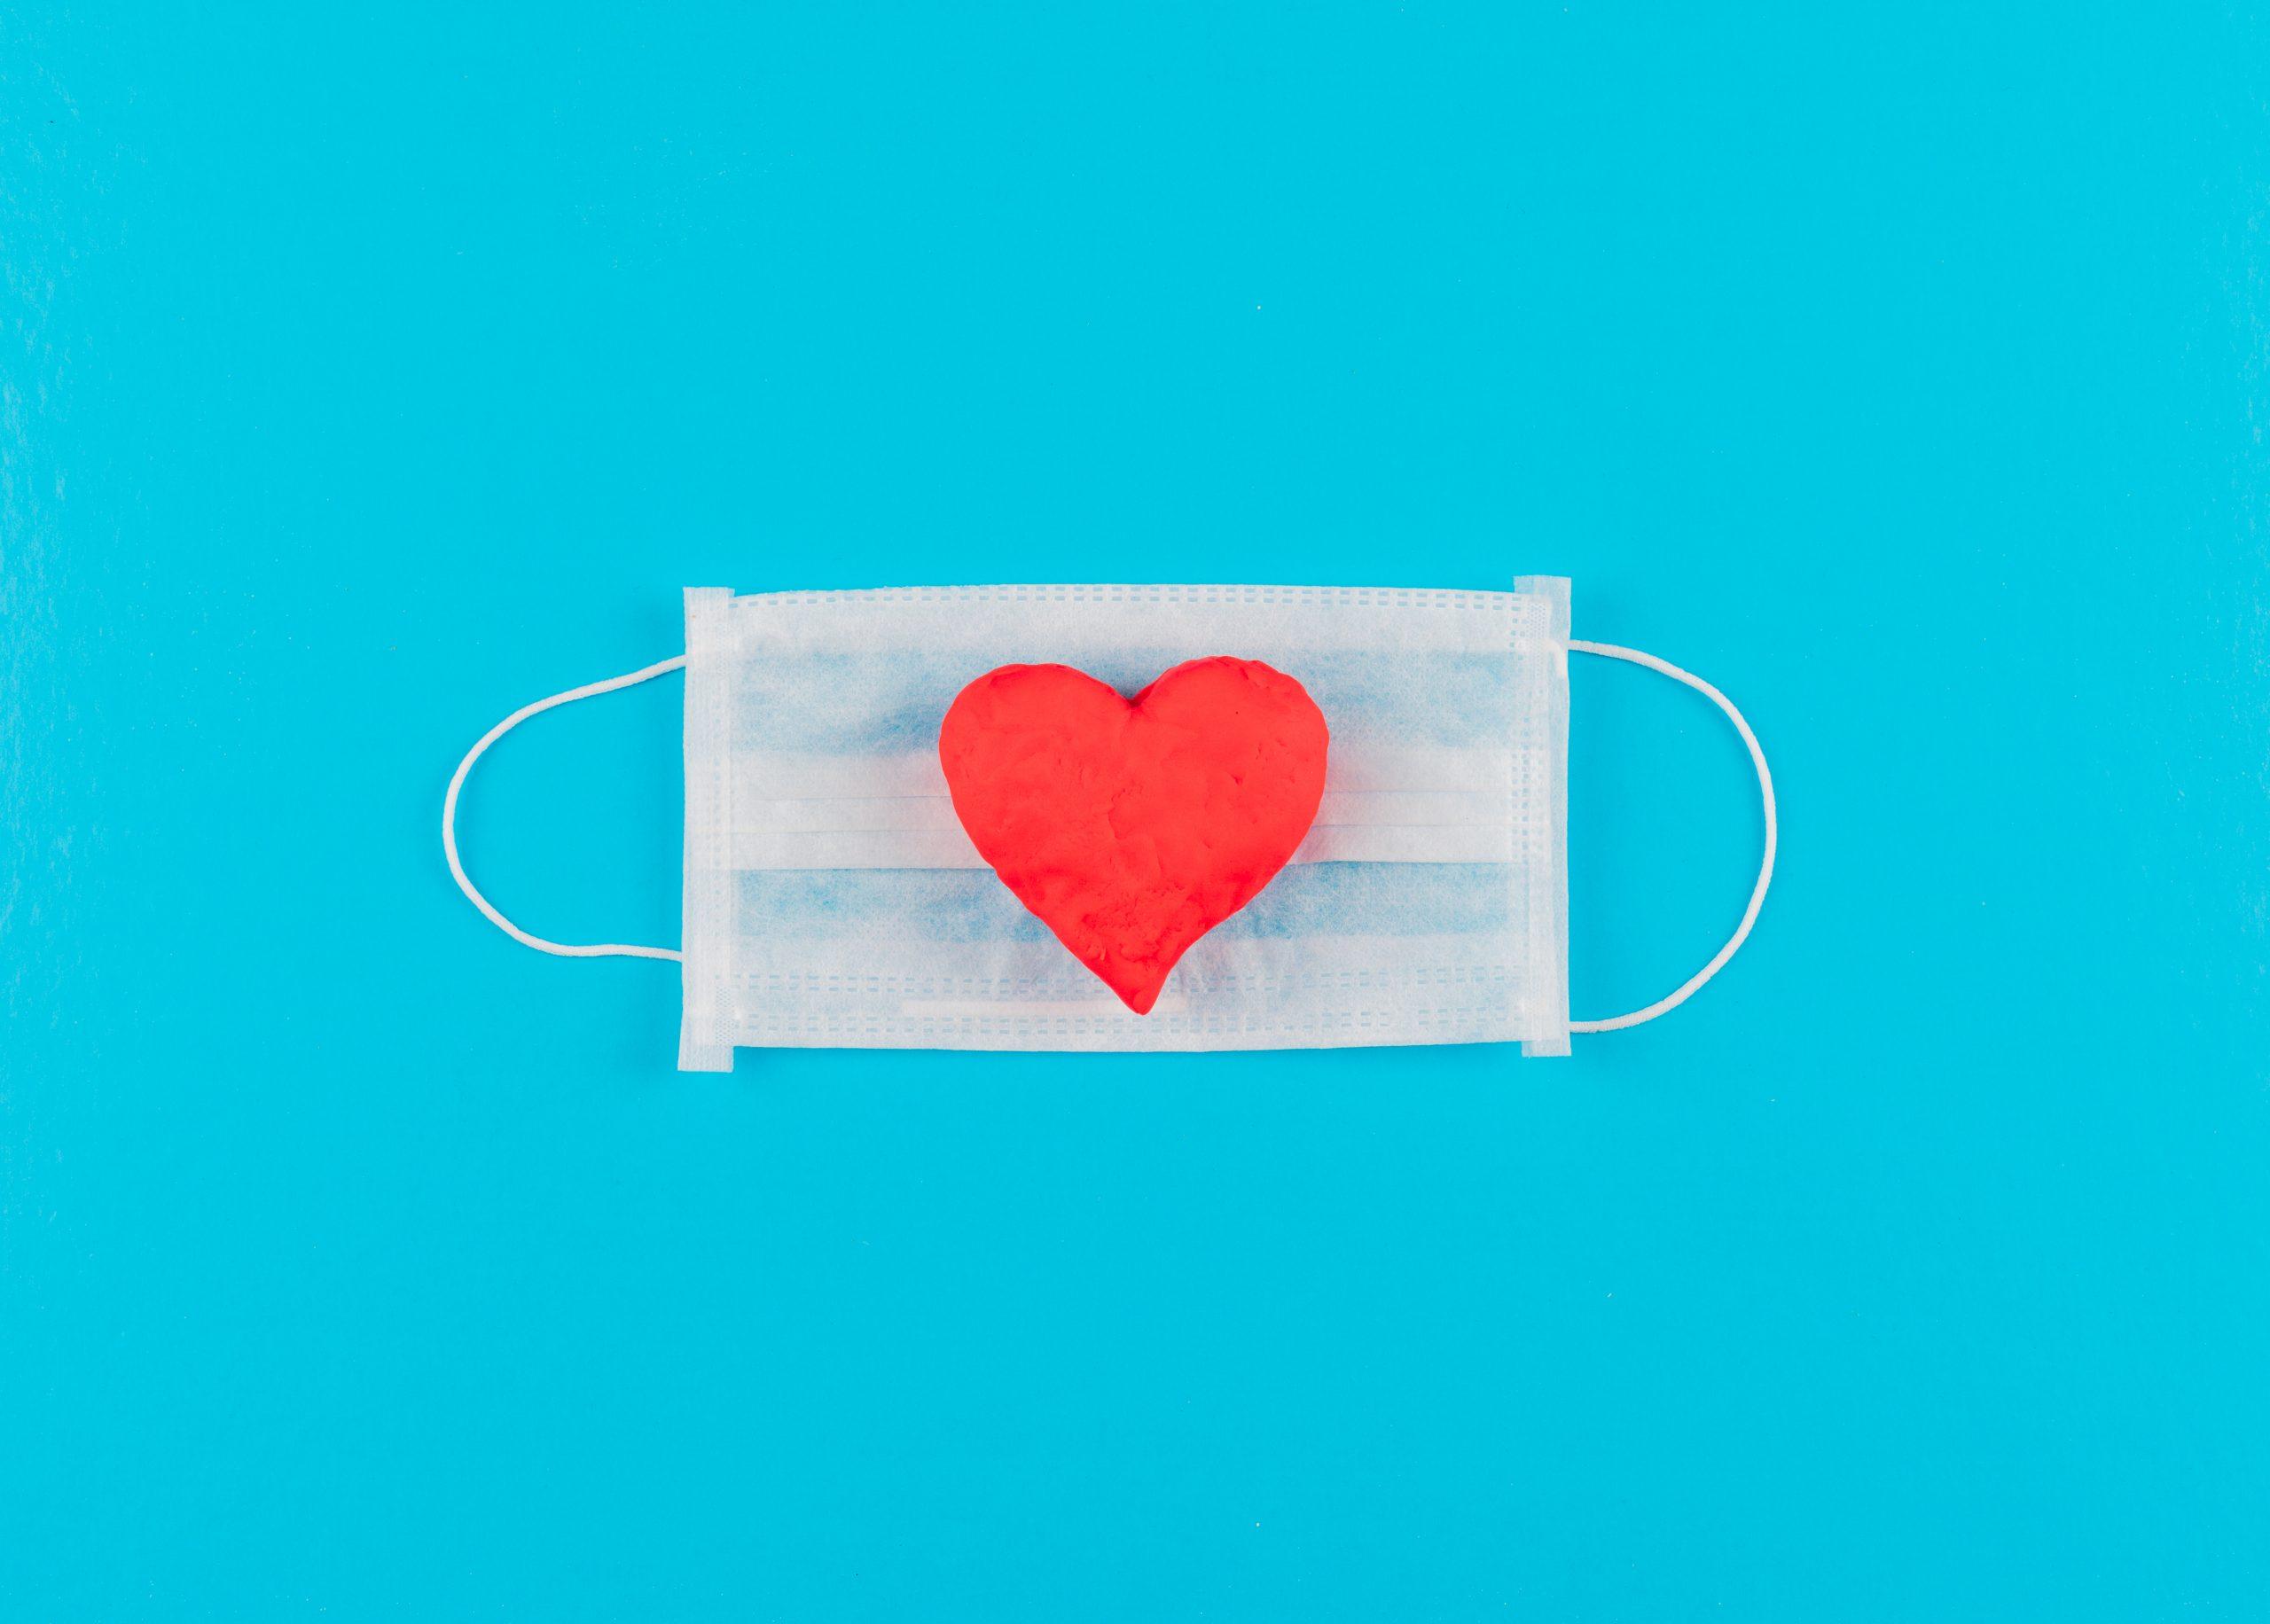 5 tanács szívbetegeknek a koronavírus-járvány idejére